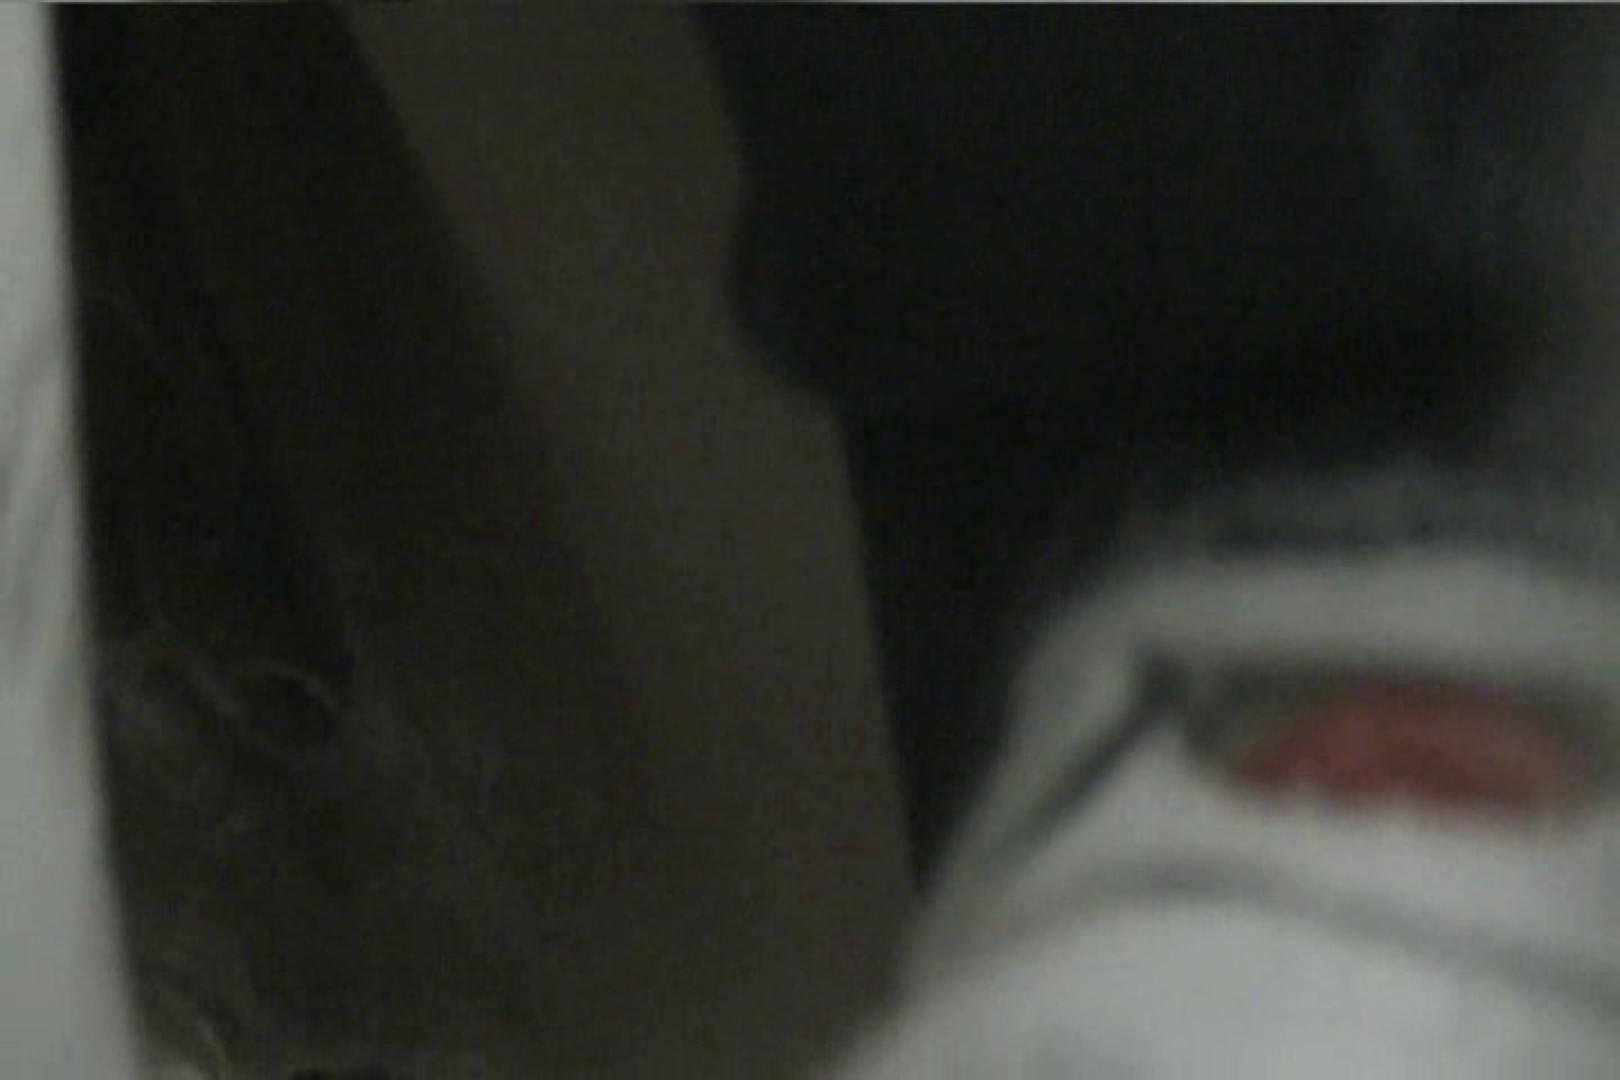 マンコ丸見え女子洗面所Vol.30 丸見えマンコ  109PIX 105